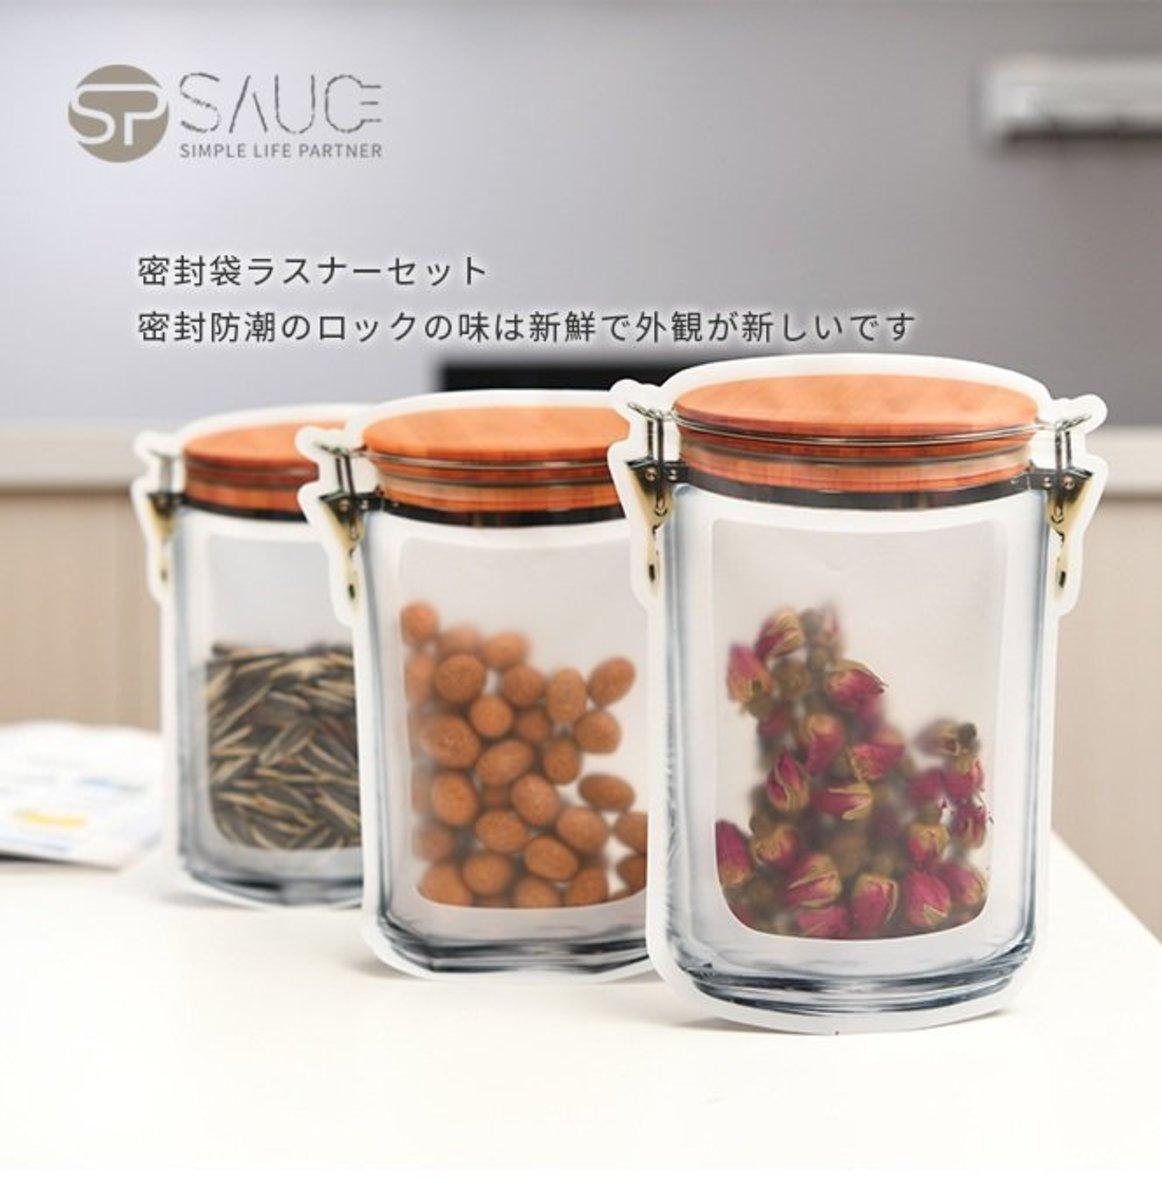 Sealed Food Preservation Bag (6 Pcs)